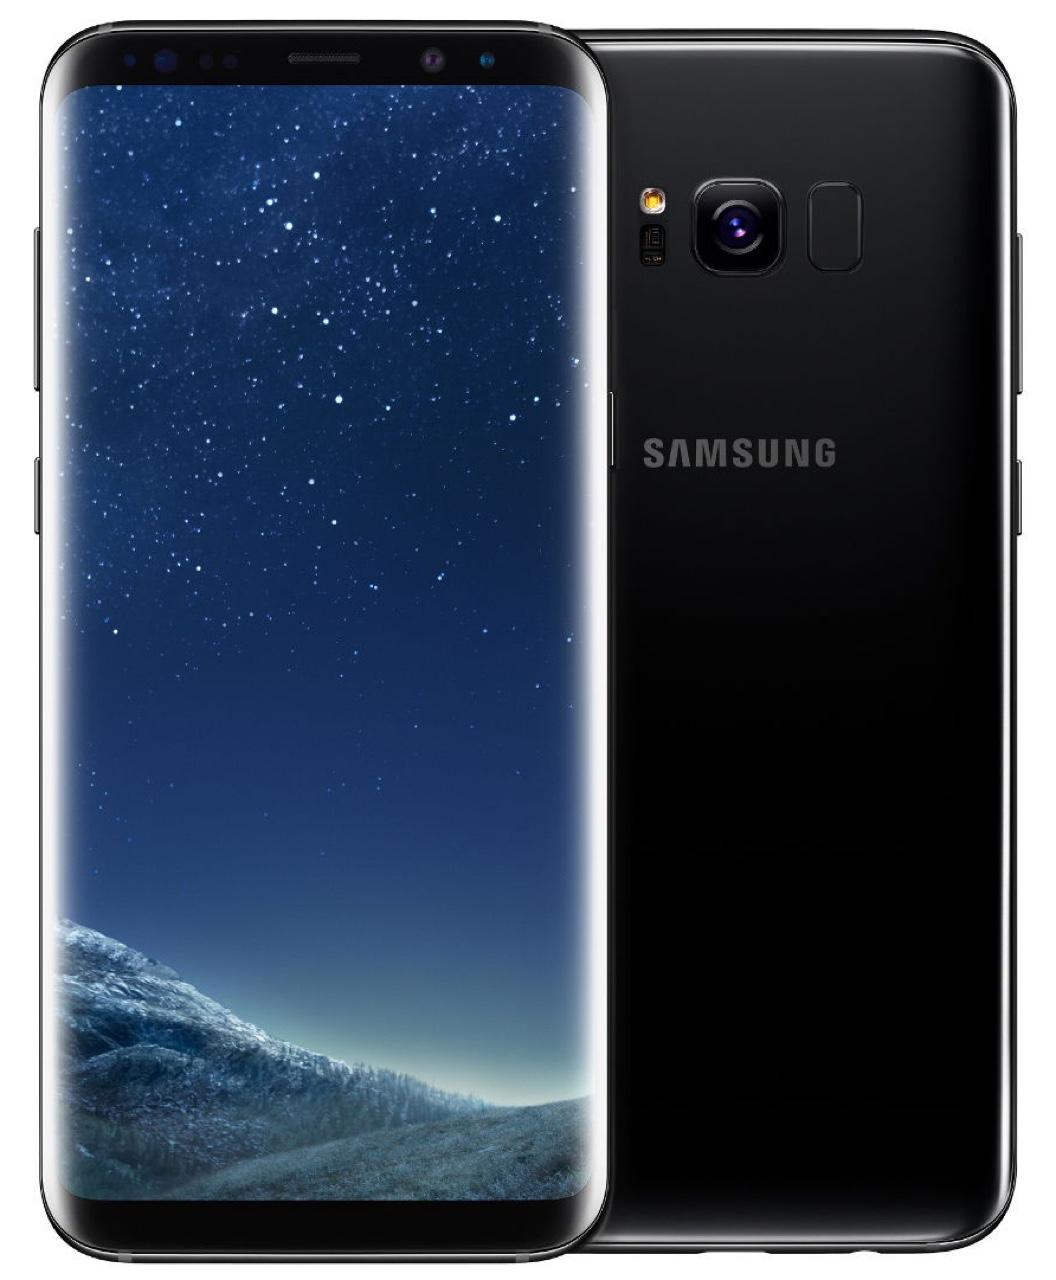 Samsung Galaxy S8 サムスン ギャラクシー Android アンドロイド スマートフォン スマホ スペック 性能 2017年